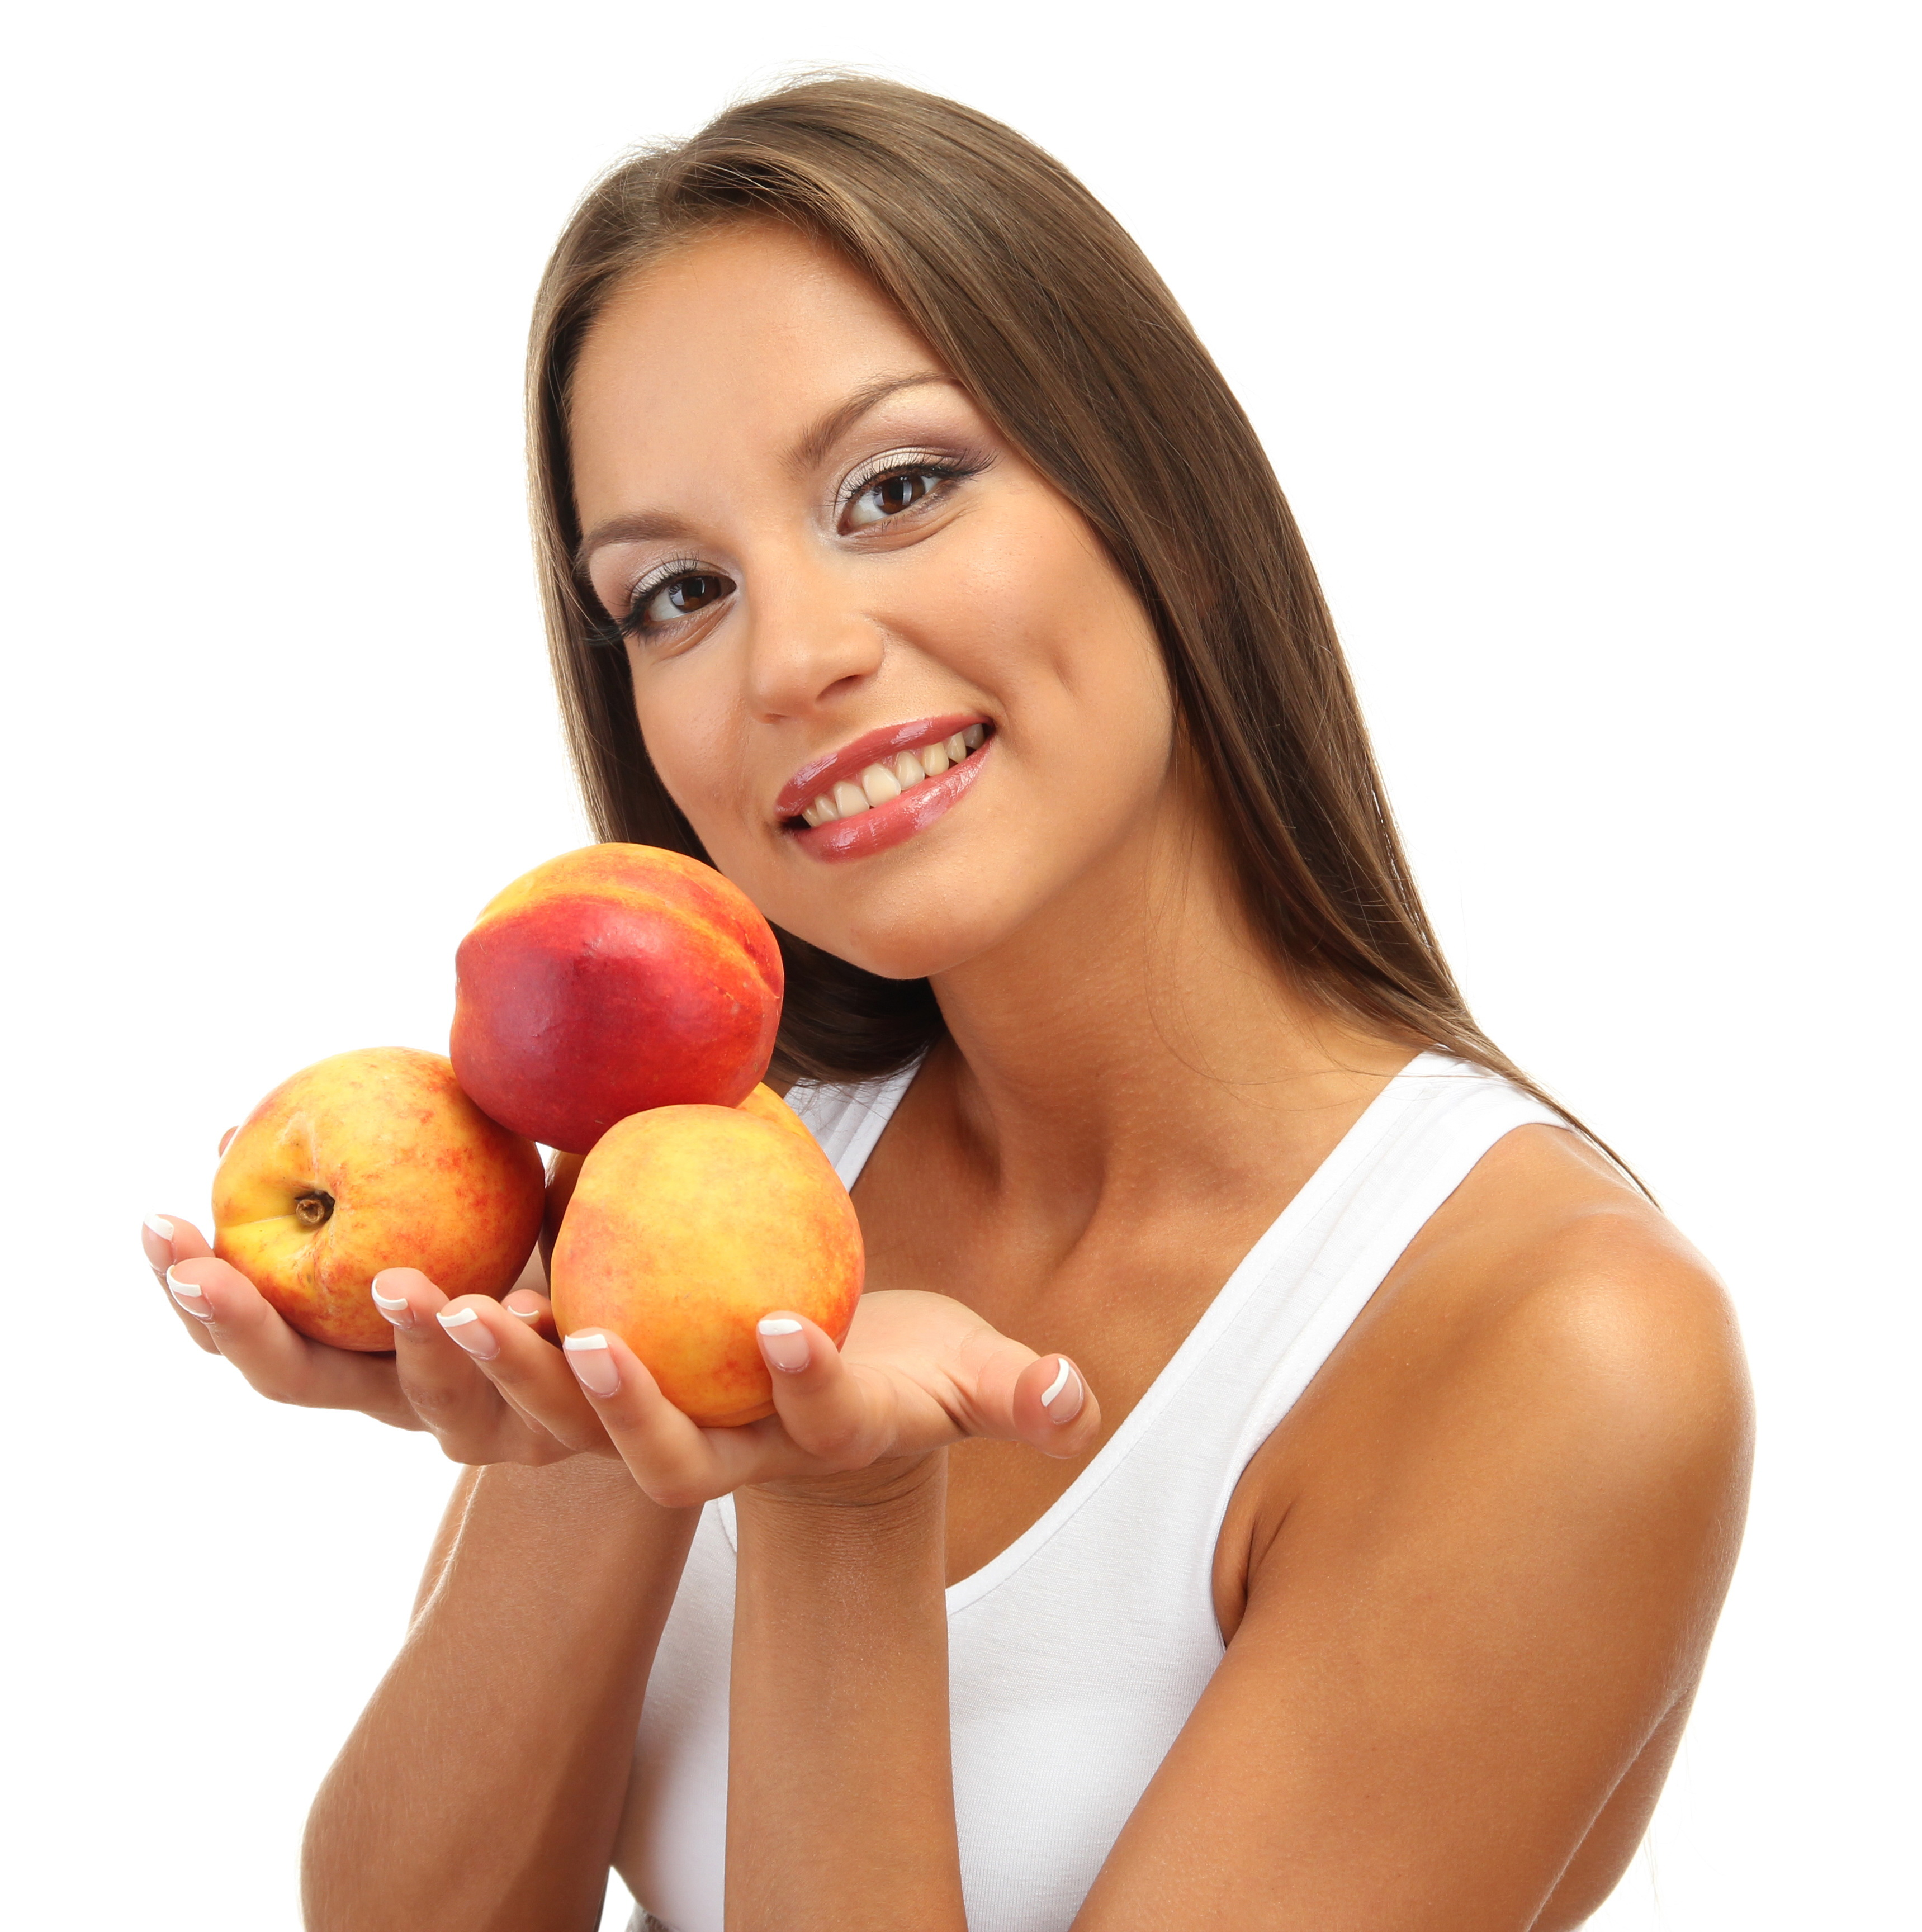 látássérült táplálkozás mínusz 1 5 a látás hány százaléka